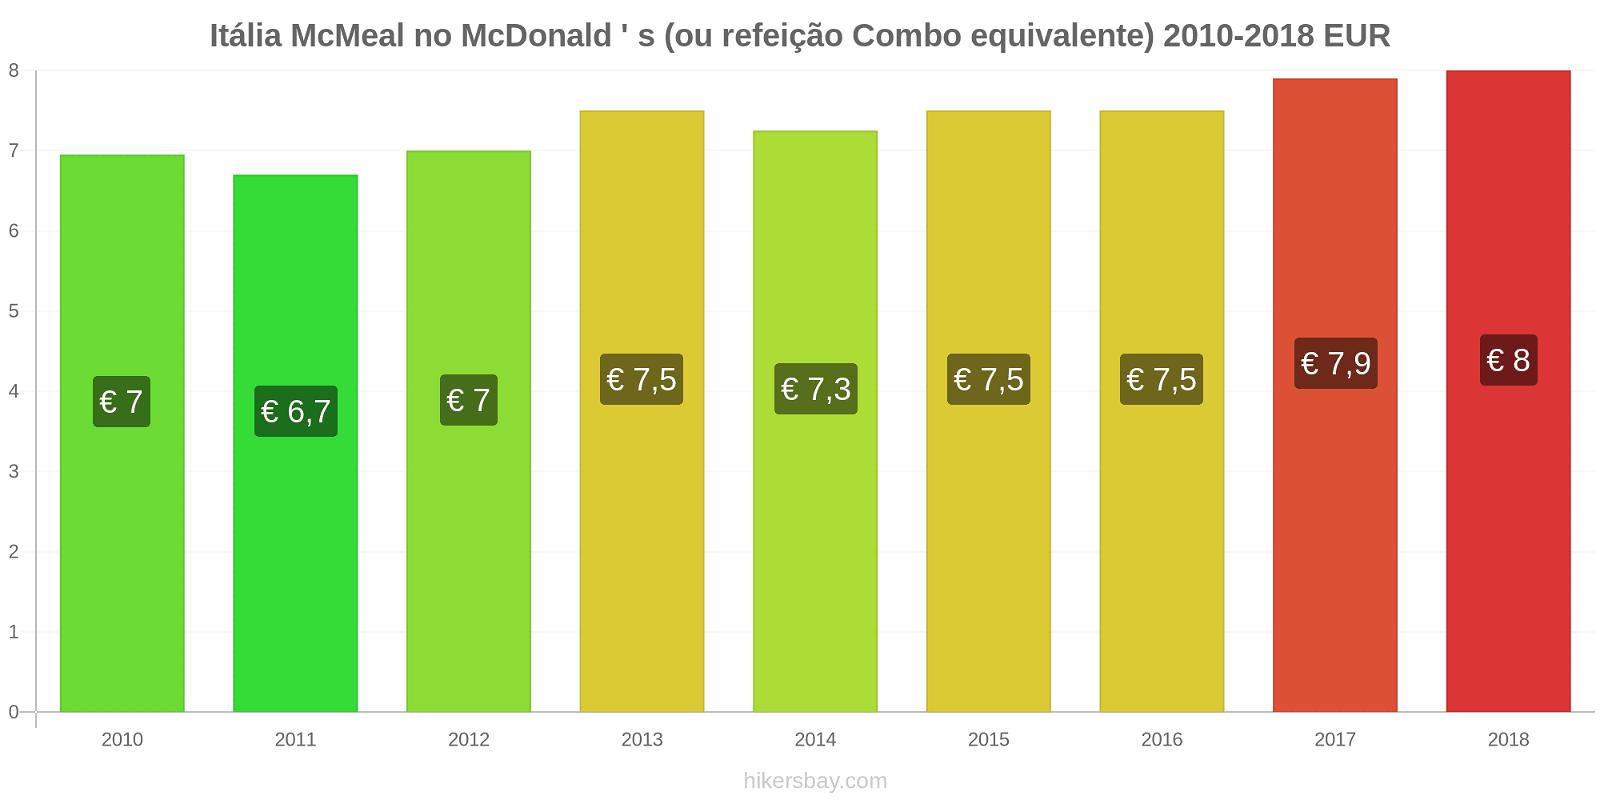 Itália variação de preço McMeal no McDonald ' s (ou refeição Combo equivalente) hikersbay.com